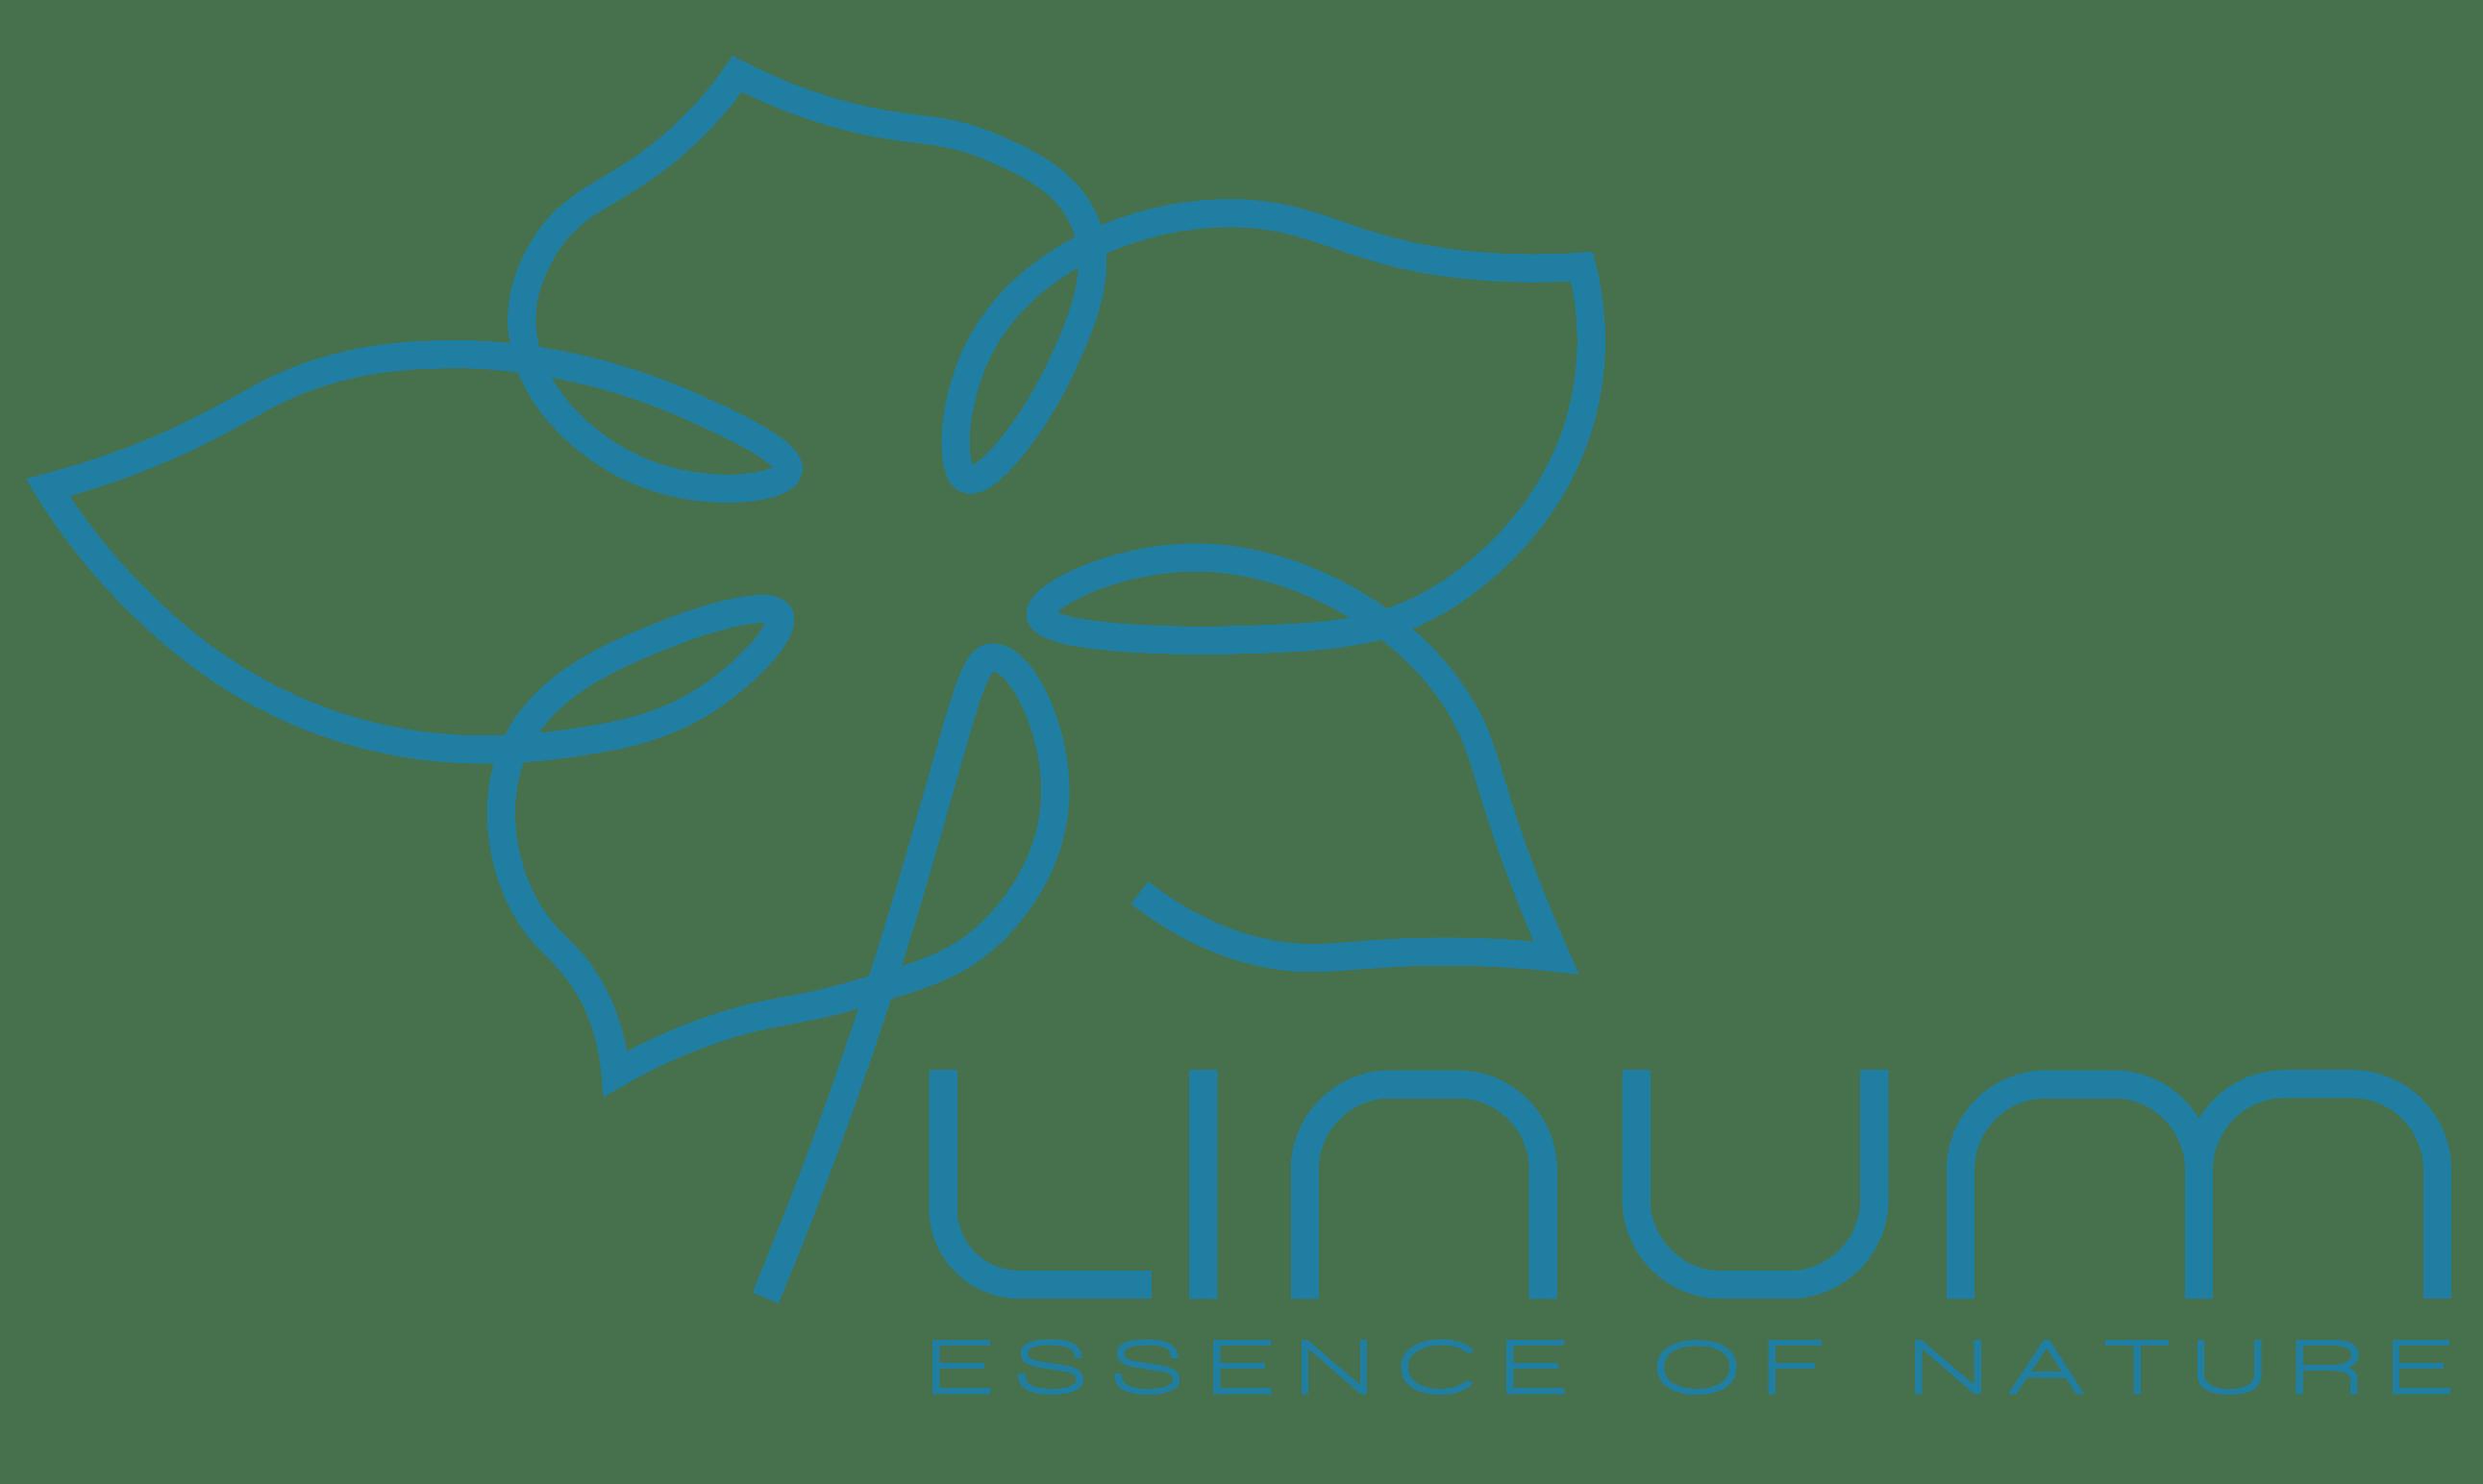 لینوم | لباس لینن | لباس الیاف طبیعی | لینن استایل